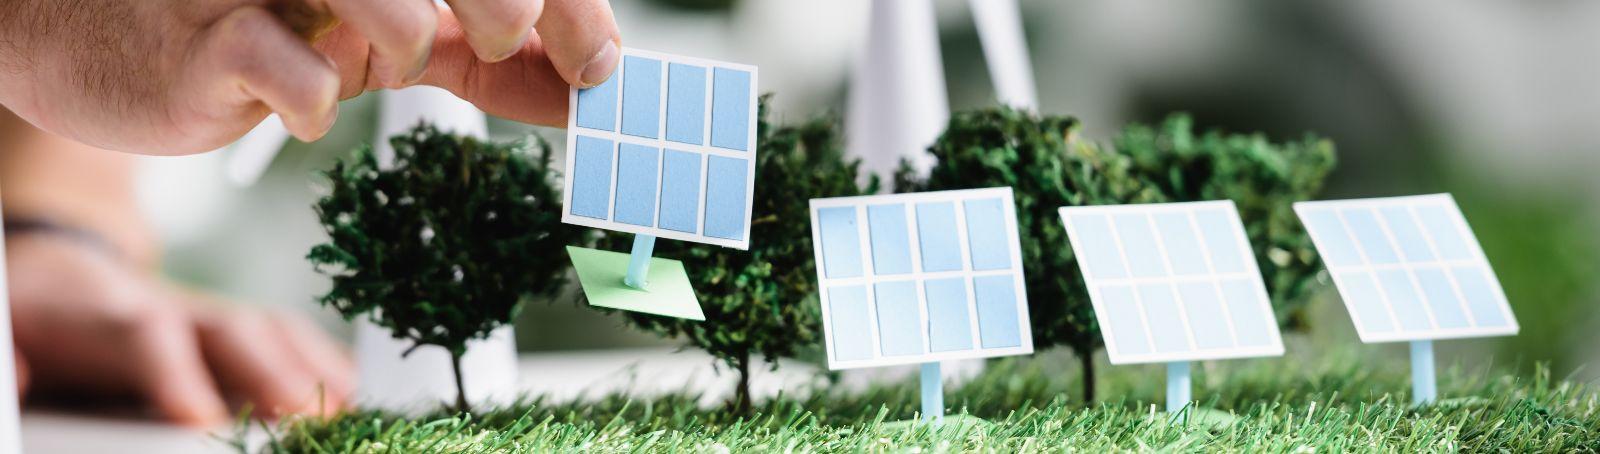 Die Reallabore sollen praxisnah zeigen, wie Energiewende funktioniert.